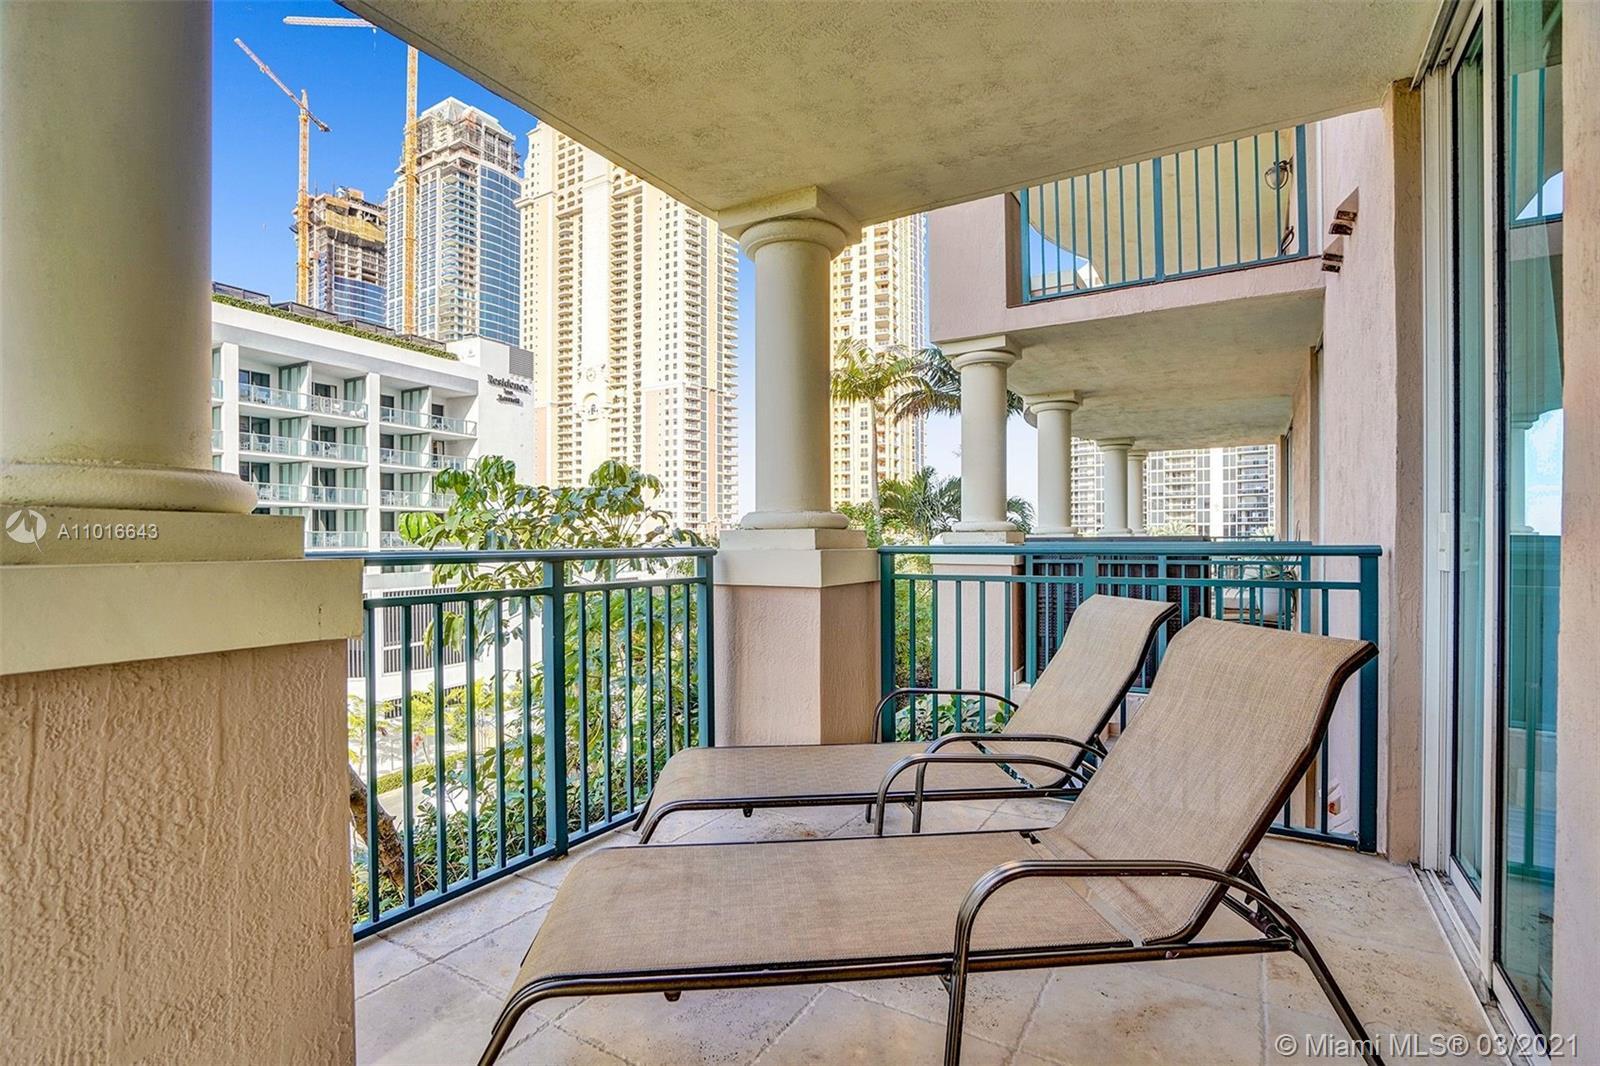 Photo of 17555 Atlantic Blvd #608, Sunny Isles Beach, Florida, 33160 - Balcony with beautiful views